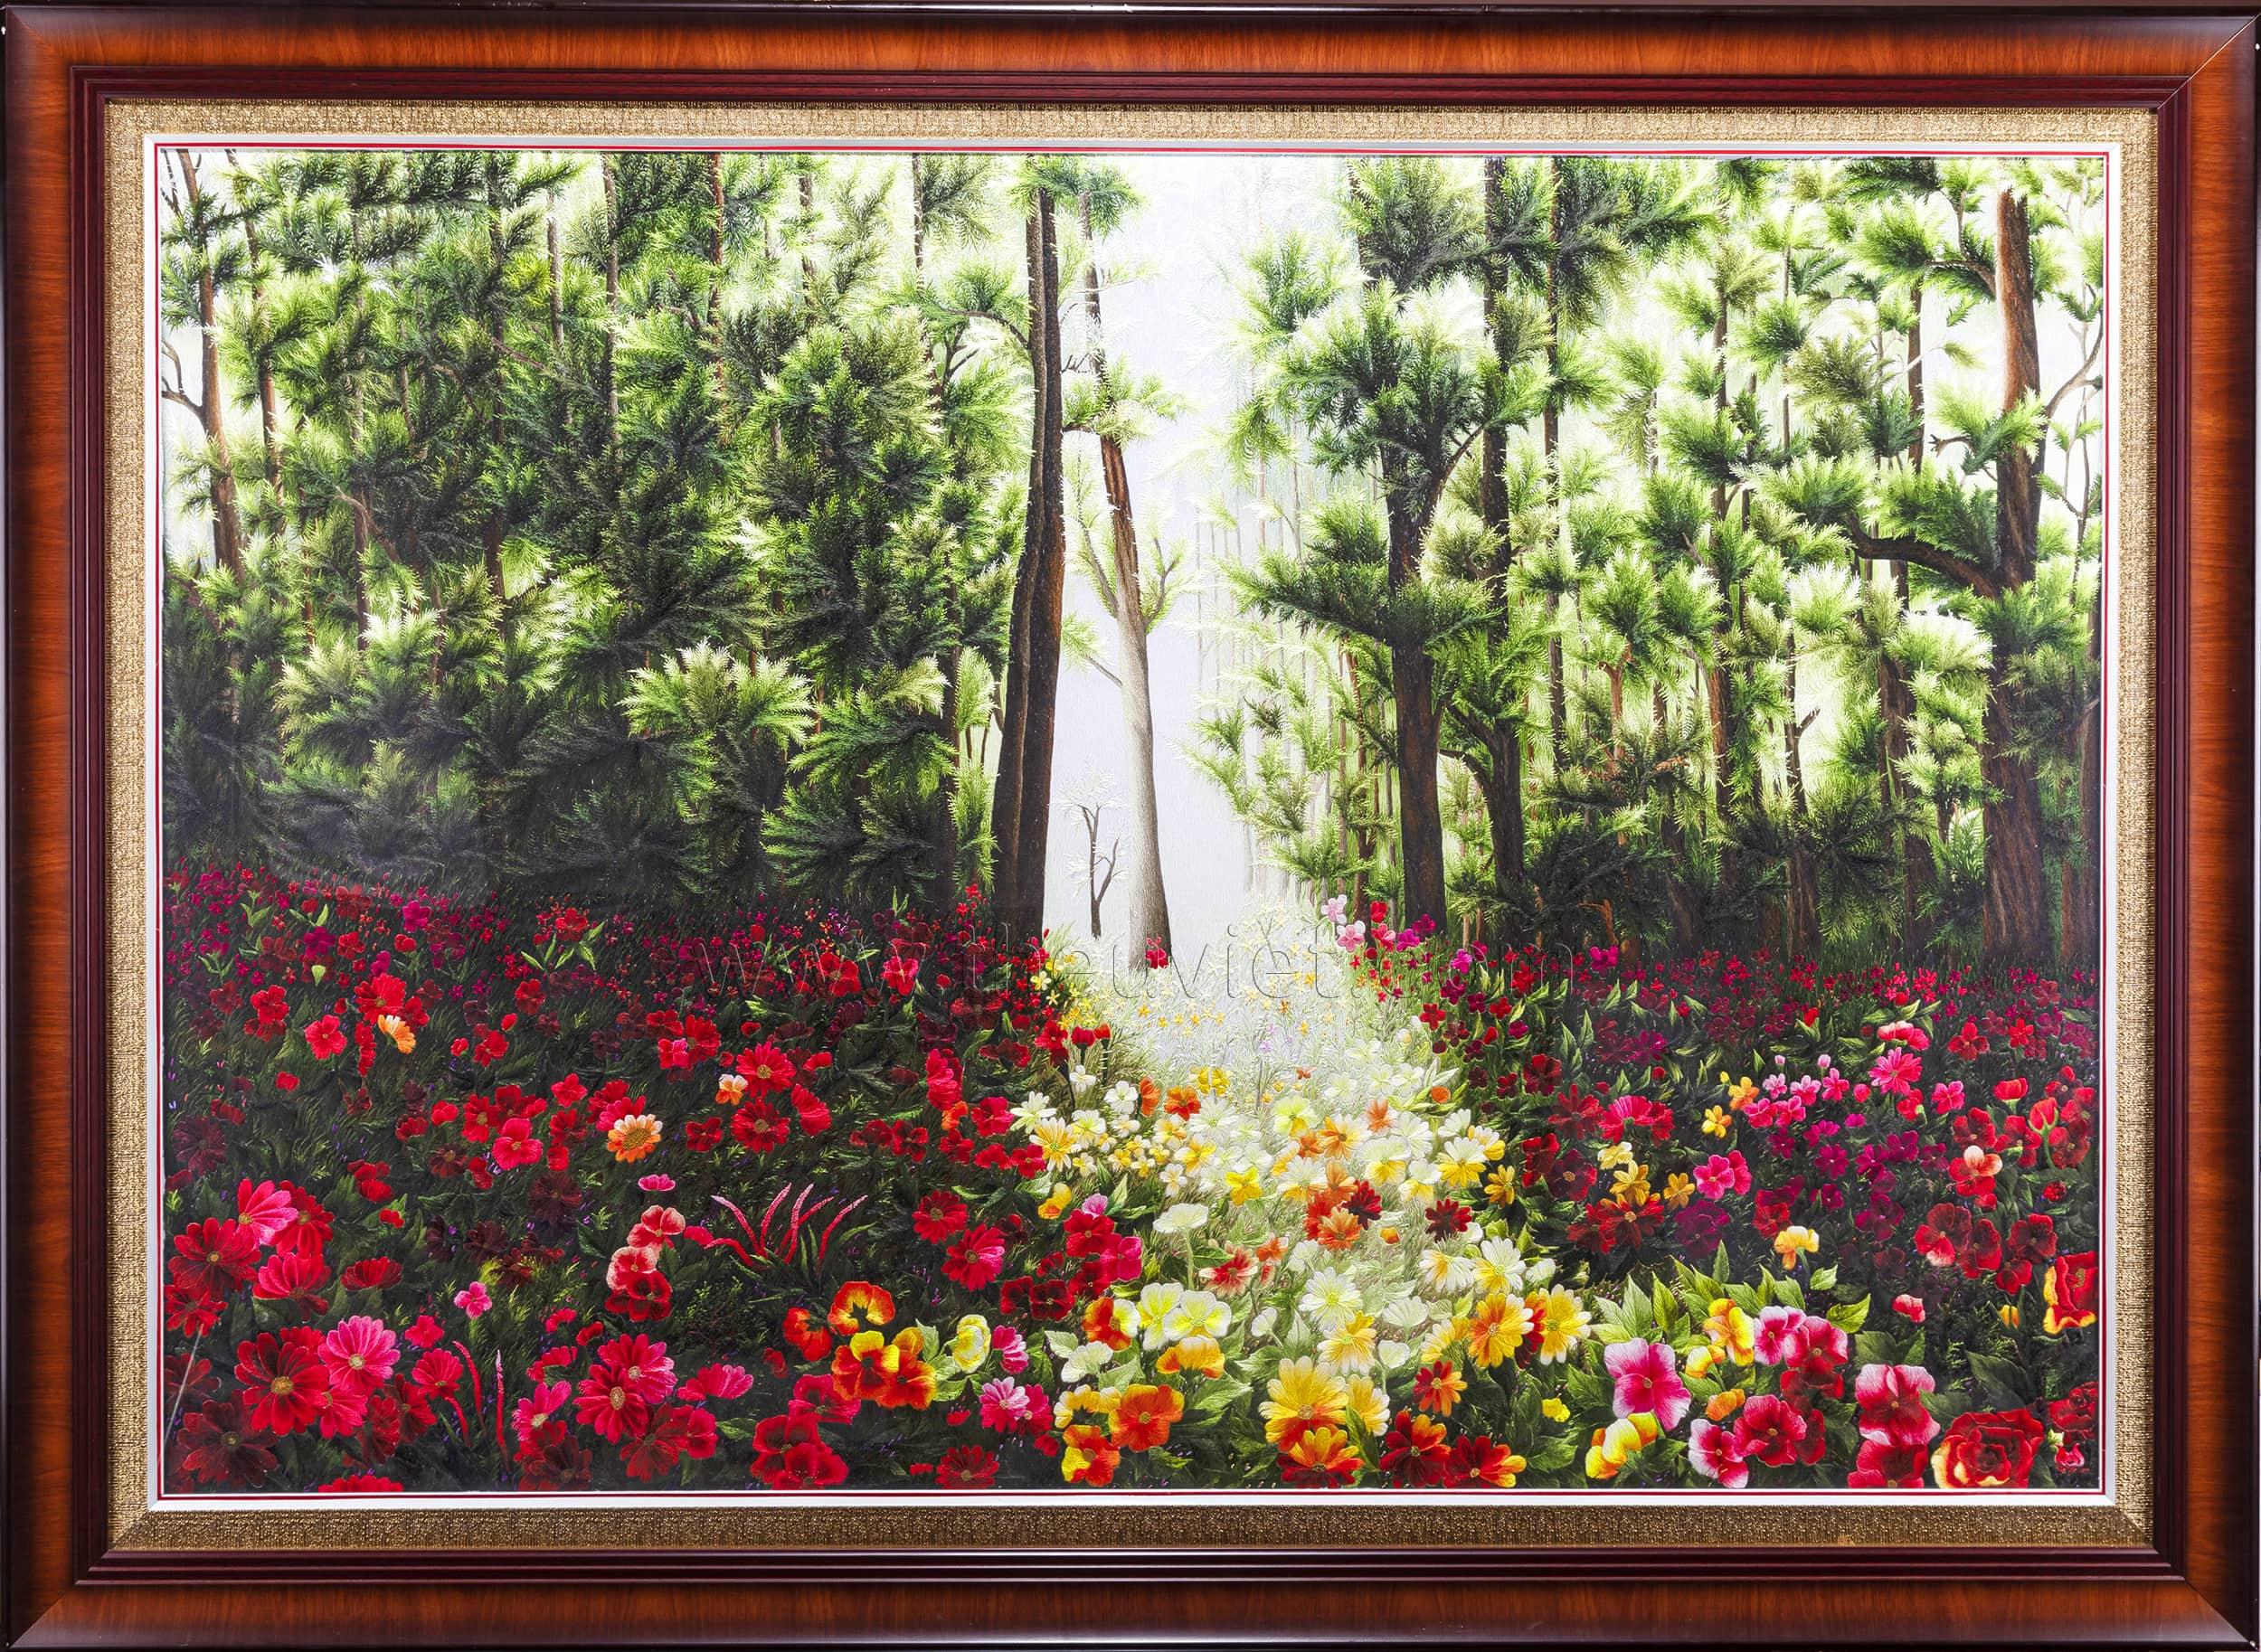 Tranh thêu tay phong cảnh Rừng Hoa (MPC0032)